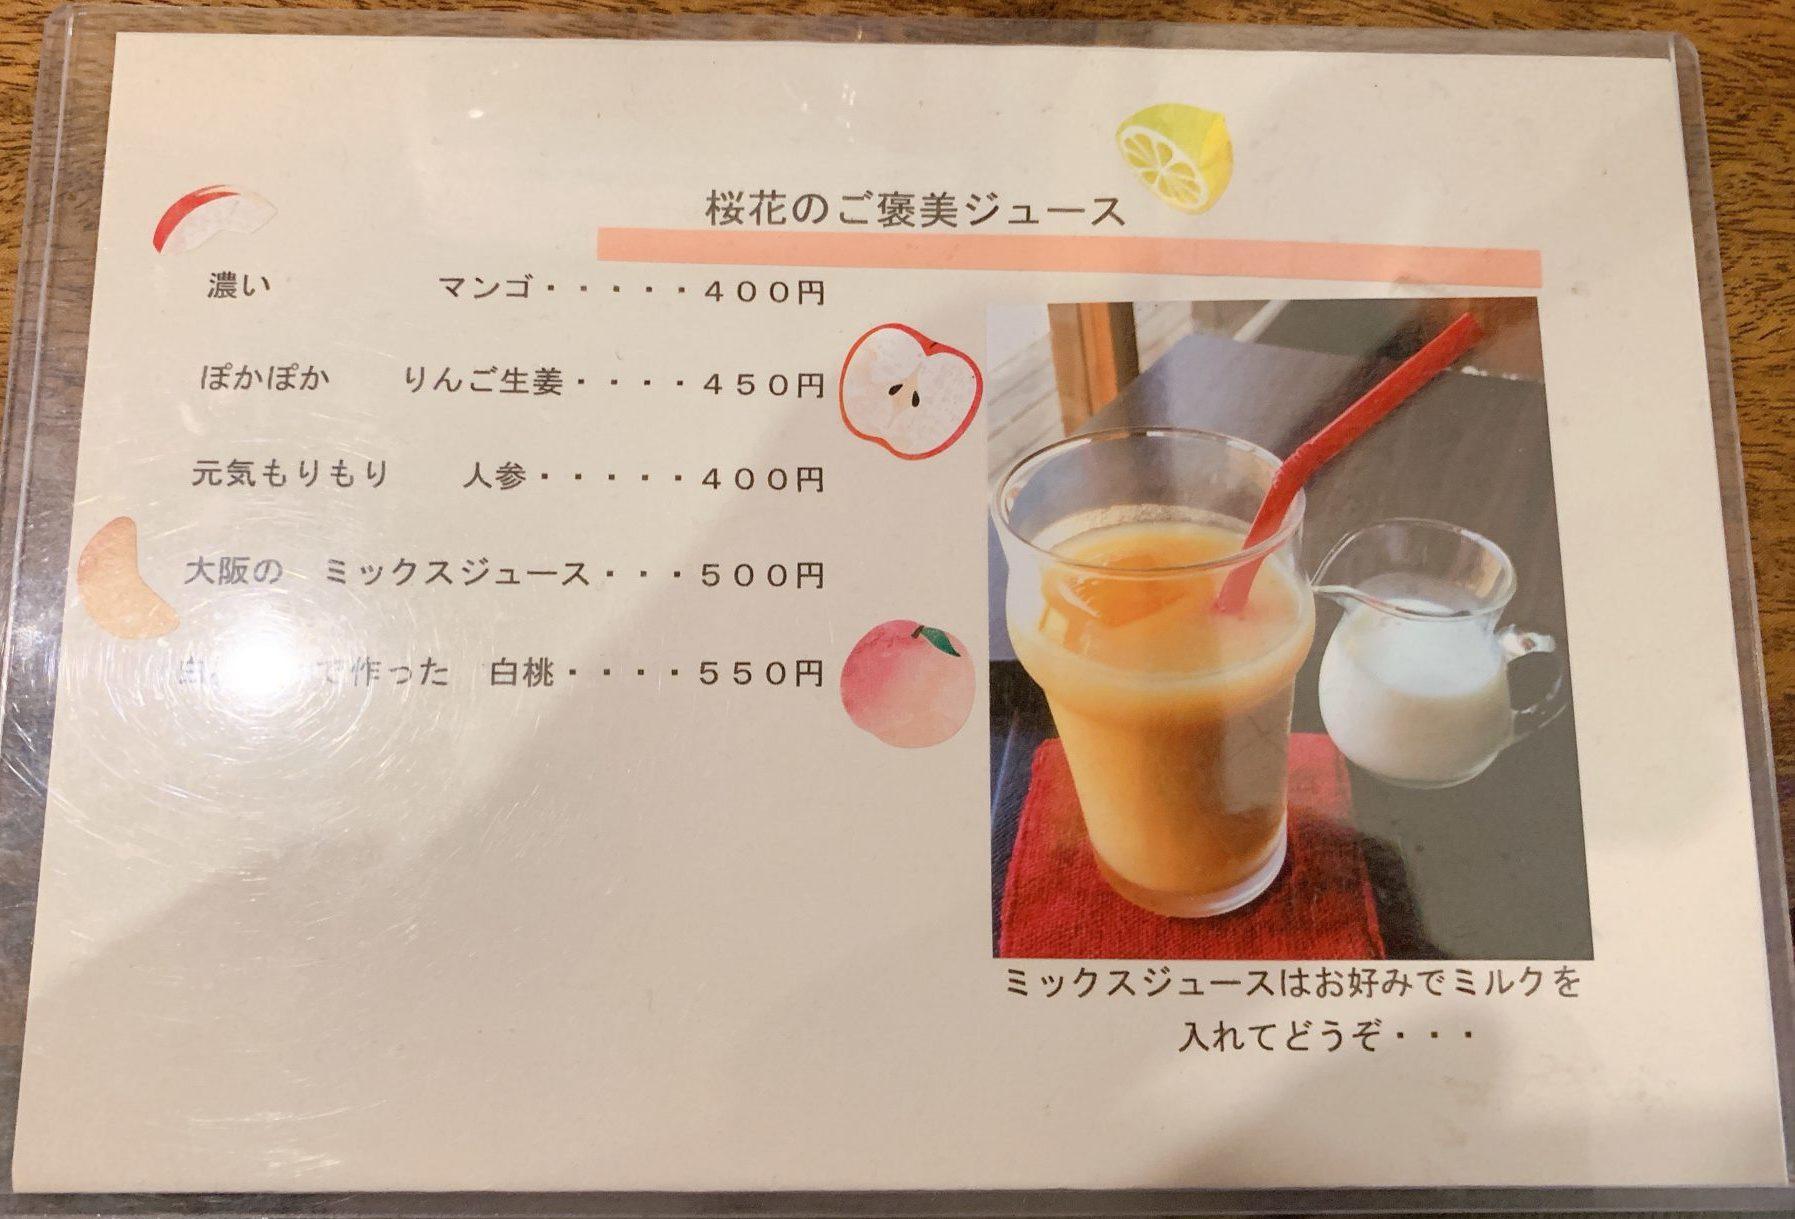 桜花のご褒美ジュースメニュー